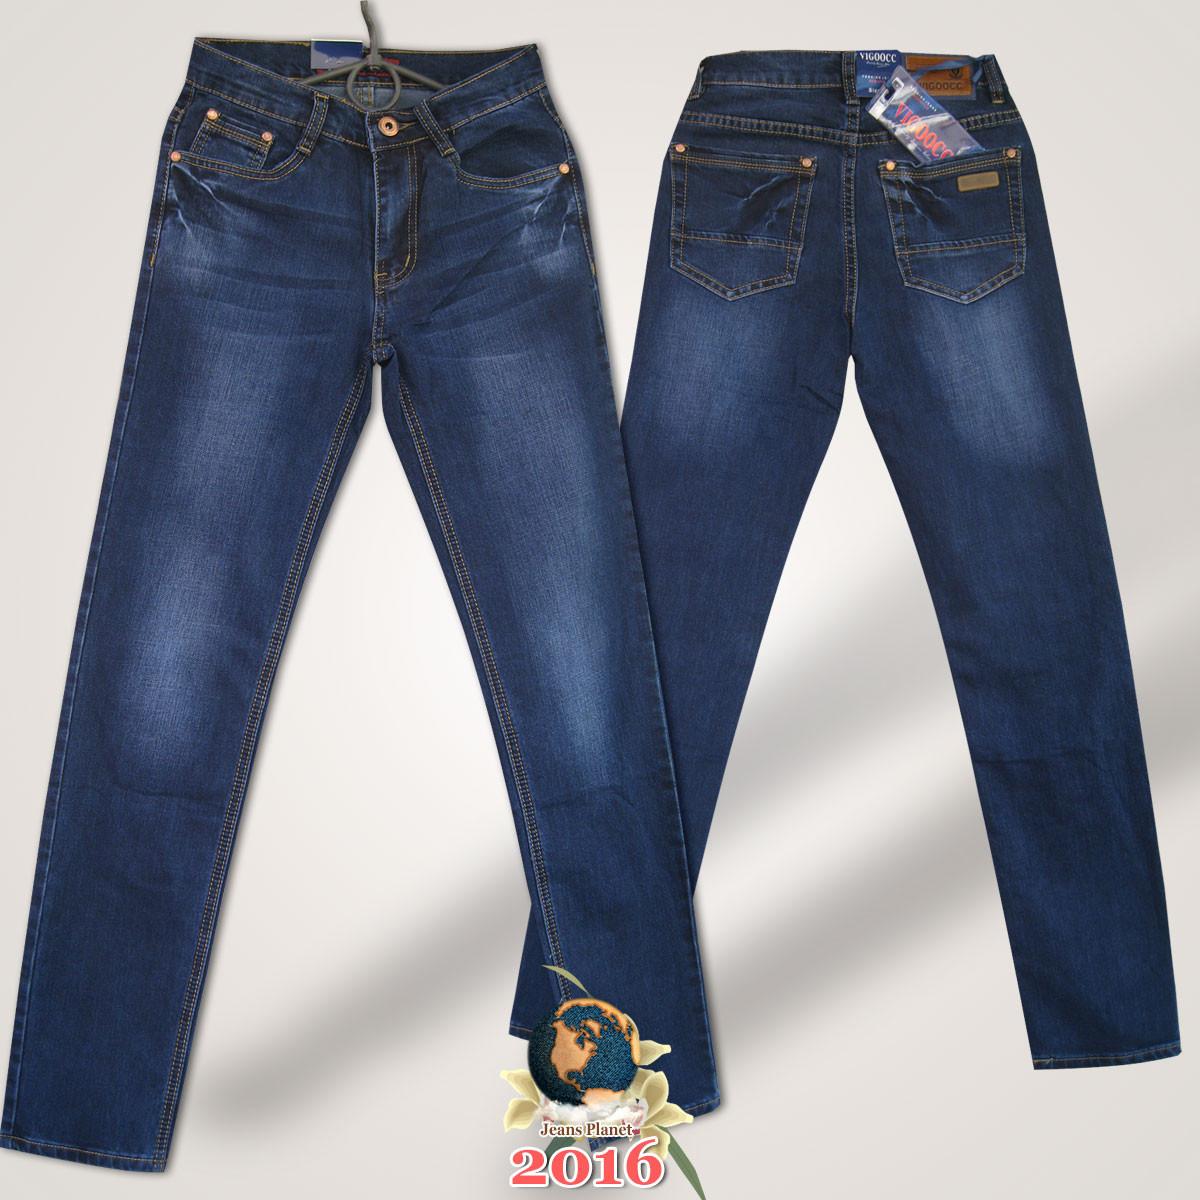 Джинсы подростковые зауженные Vigocc синего цвета 26 размера